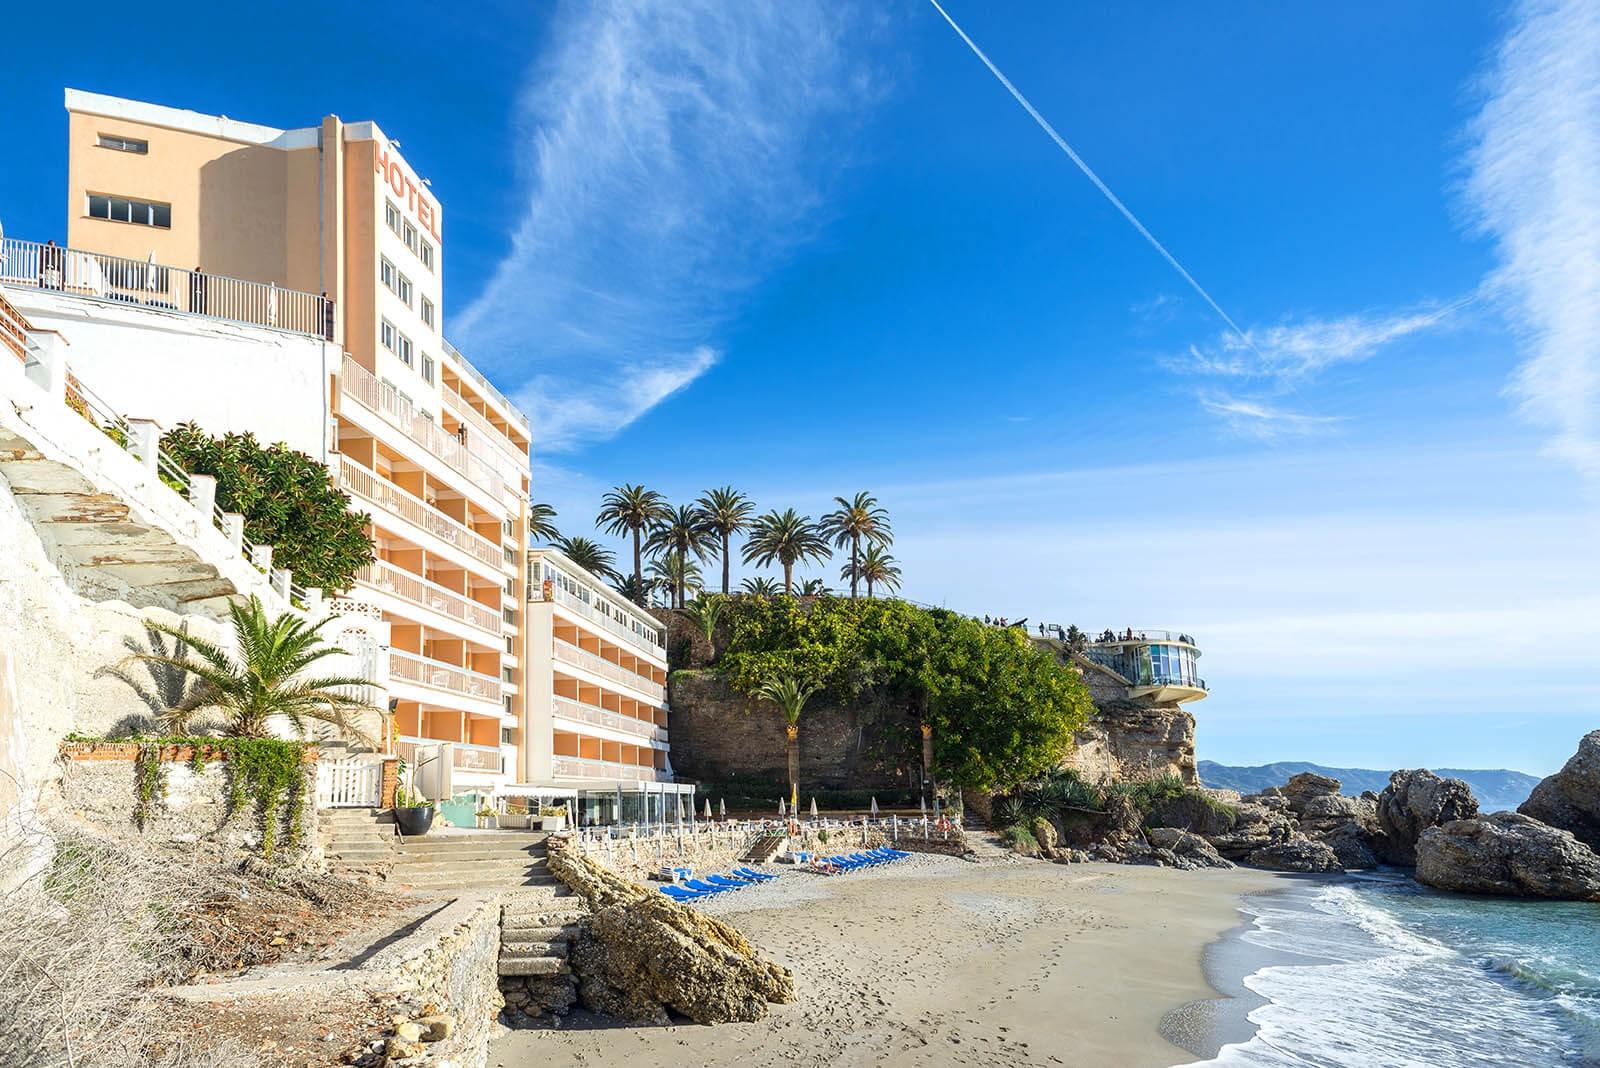 All Inclusive Sun Holidays to Balcon De Europa Hotel